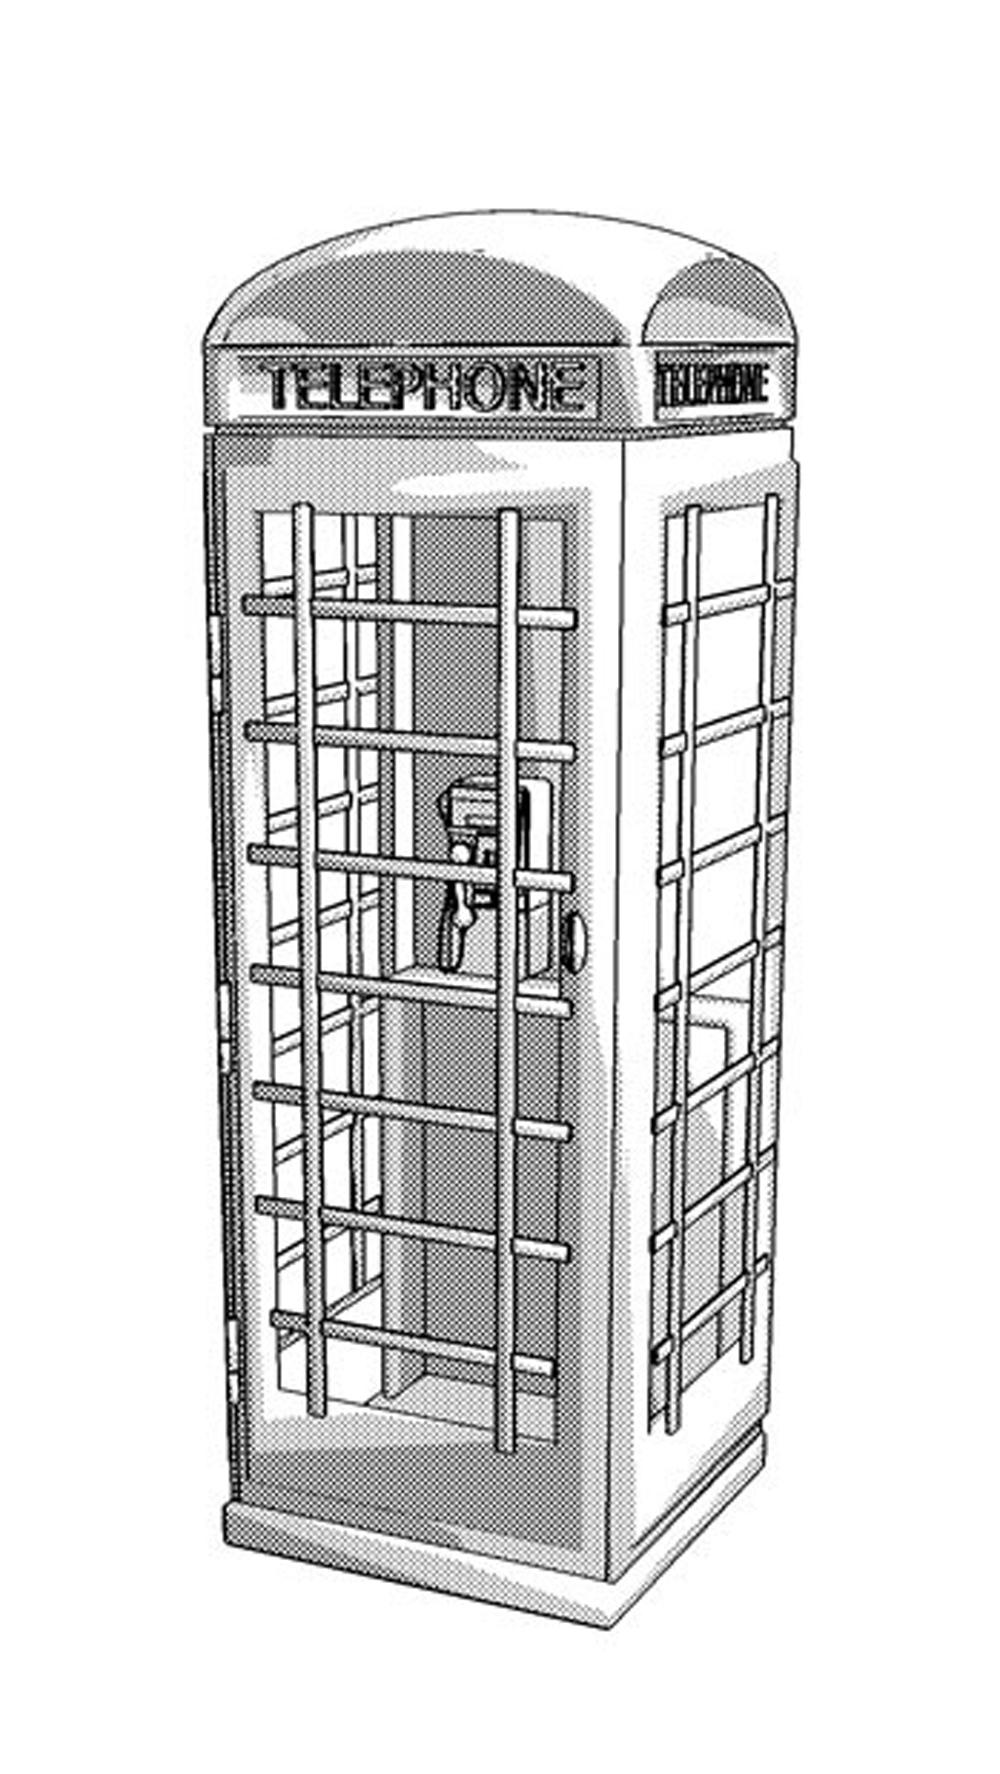 手绘画 手绘画免费下载 电话亭 复古 图片素材 卡通动漫可爱图片